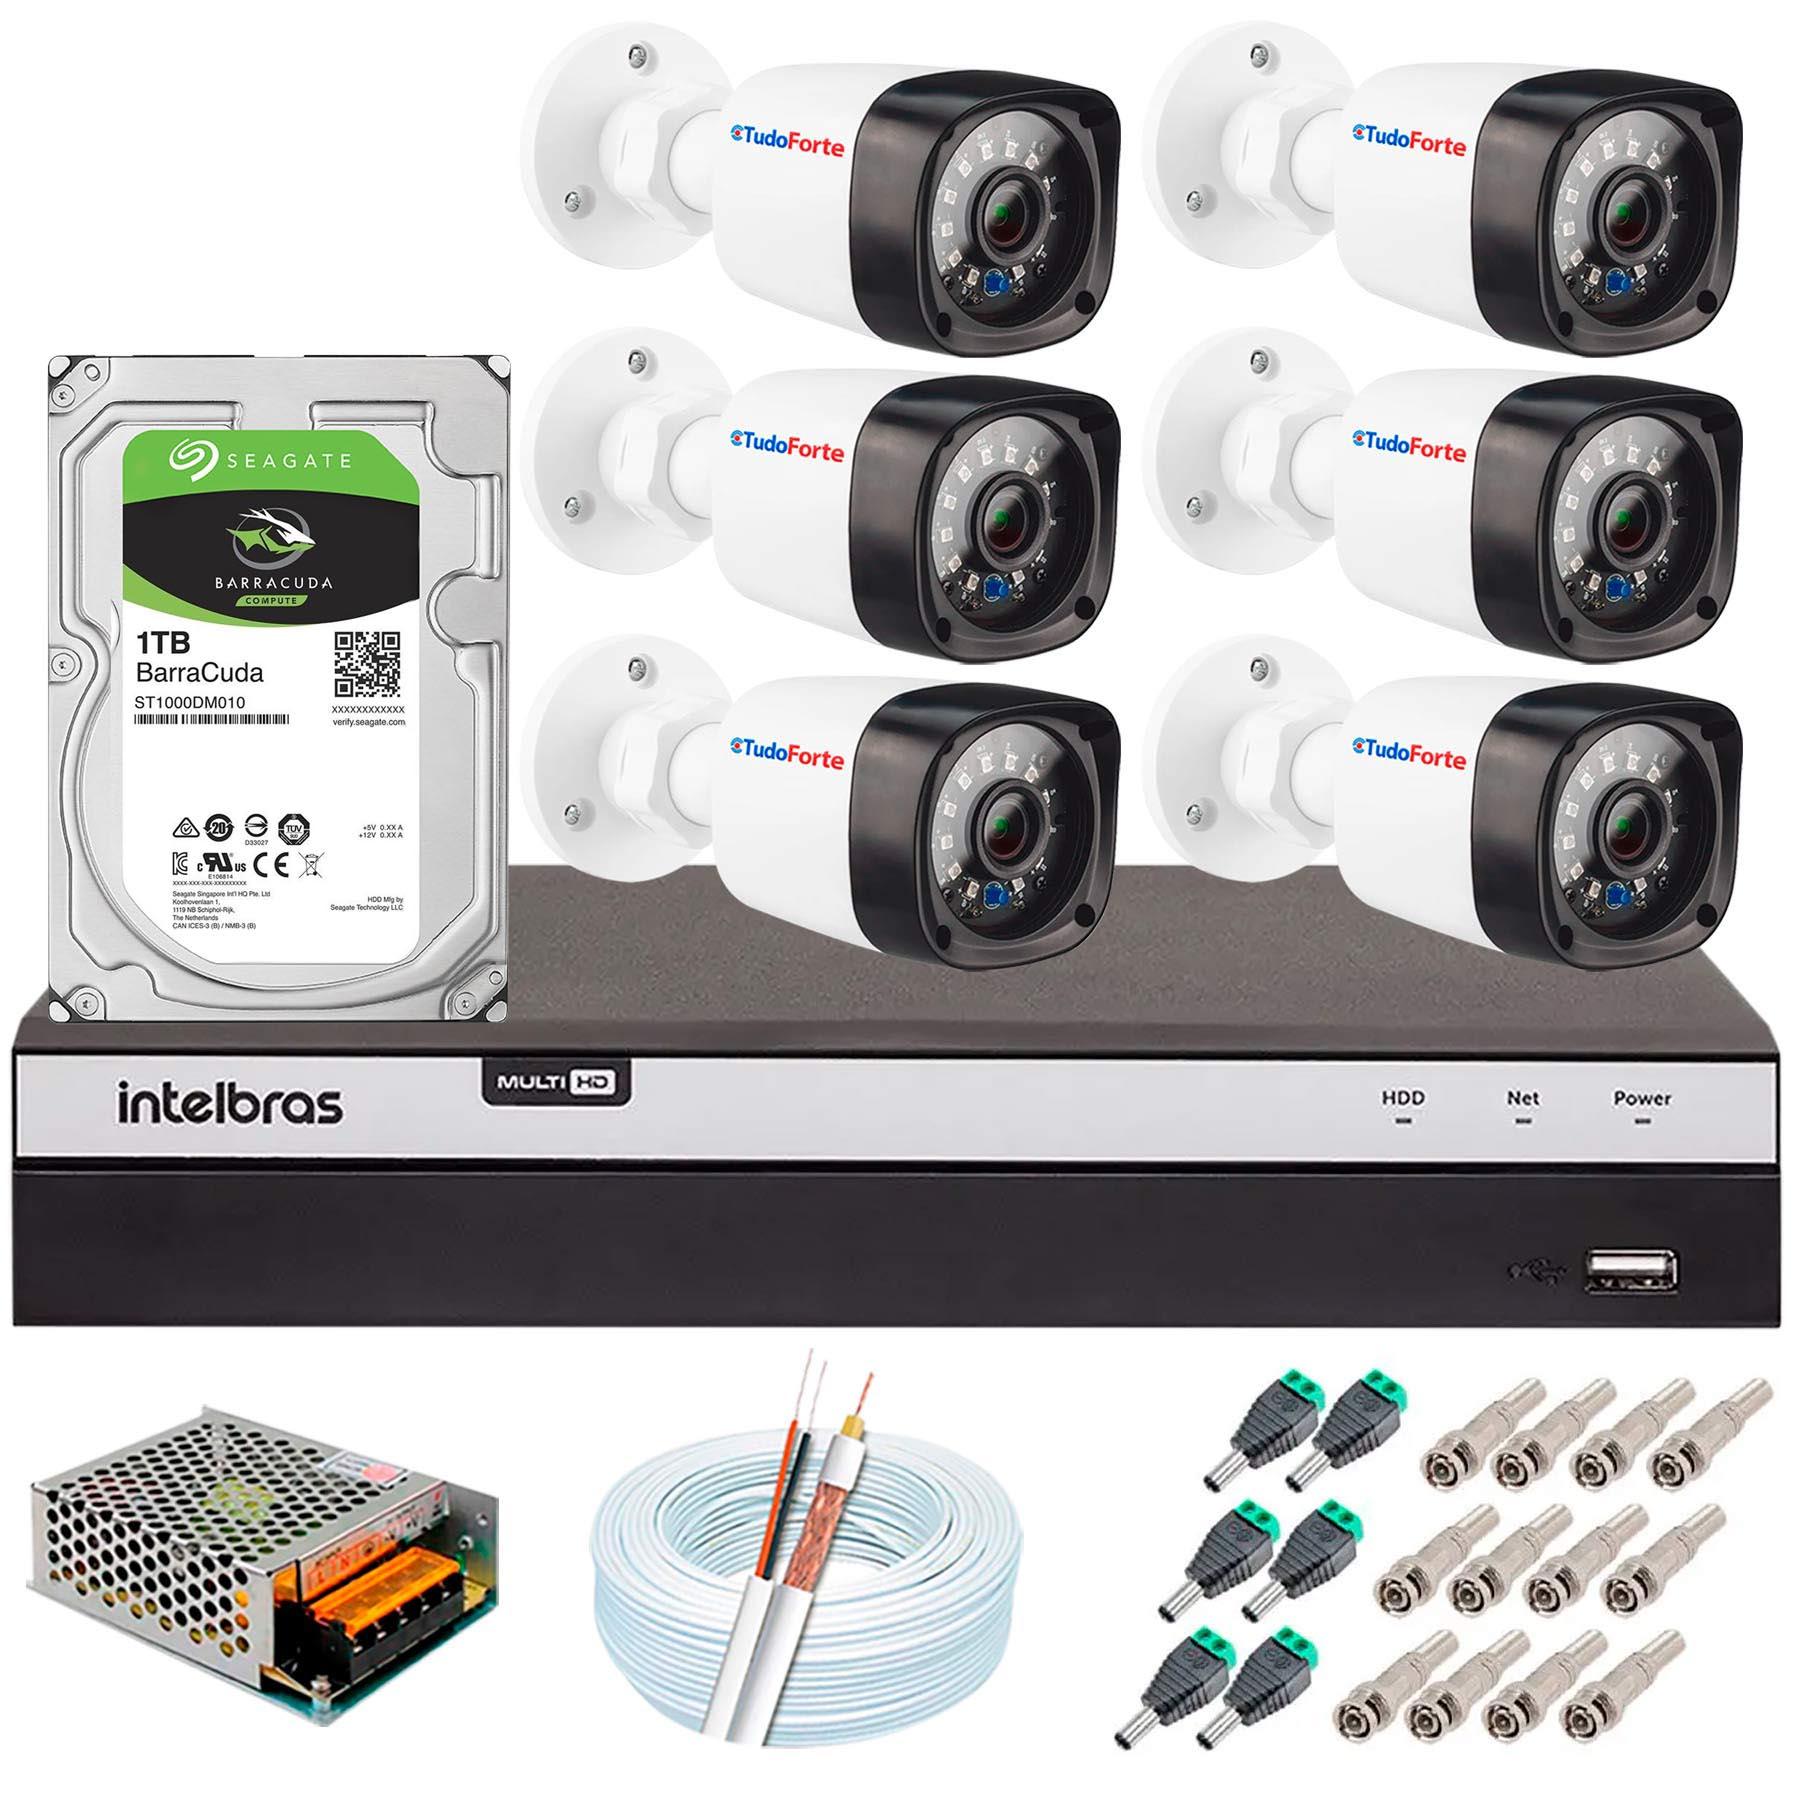 kit-2-cameras-vhd-3130-b-g6-dvr-intelbras-app-gratis-de-monitoramento-cameras-hd-720p-30m-infravermelho-de-visao-noturna-intelbras-fonte-cabos-e-acessorios